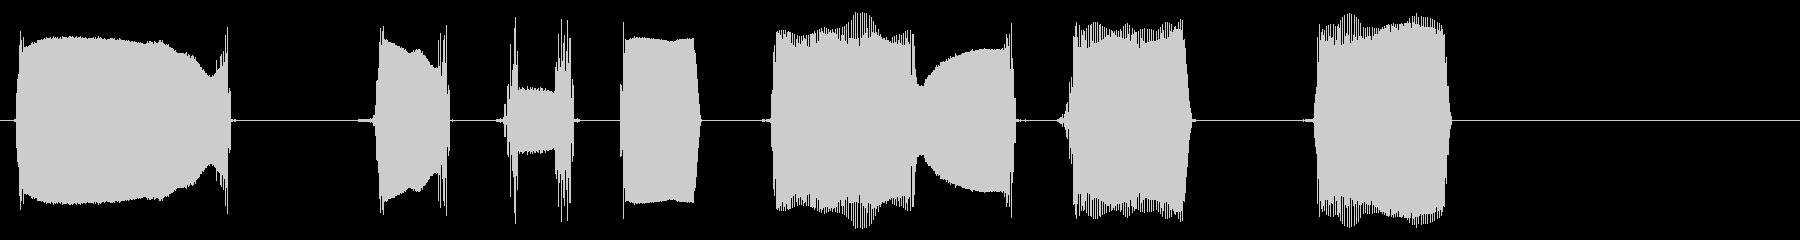 薄いピアスダイヤリングビープ音2の未再生の波形